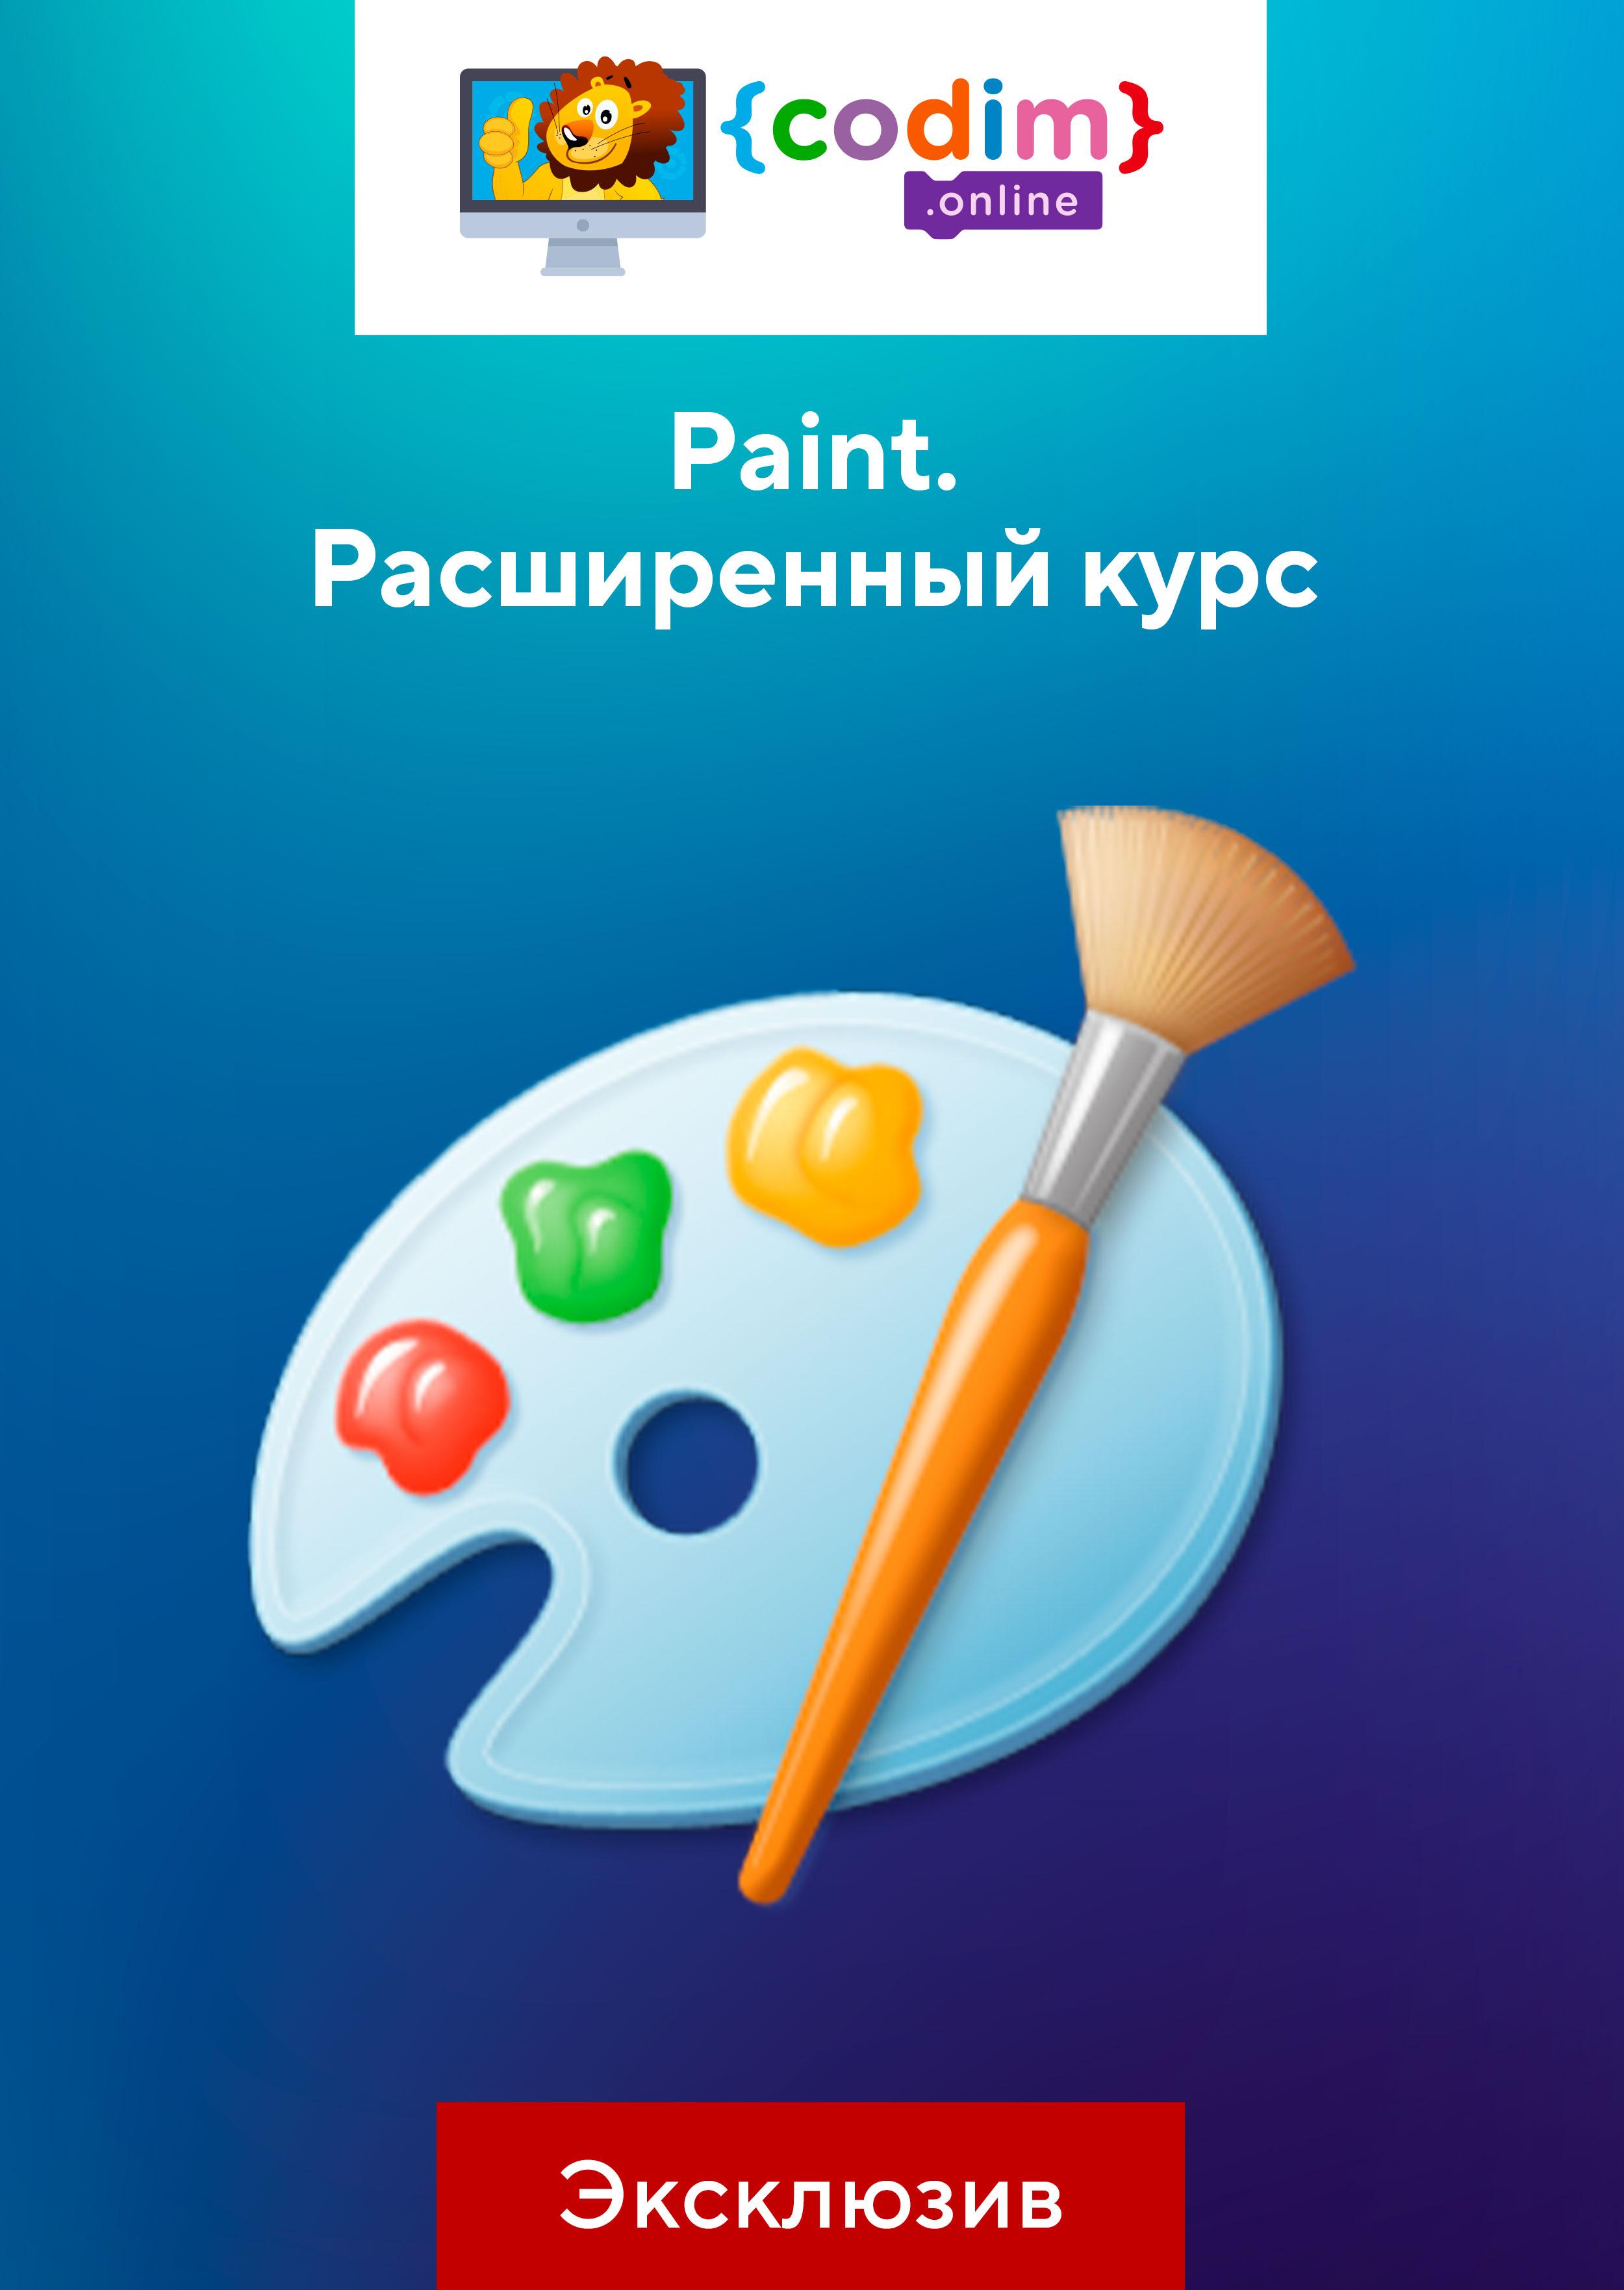 Paint. Расширенный курс